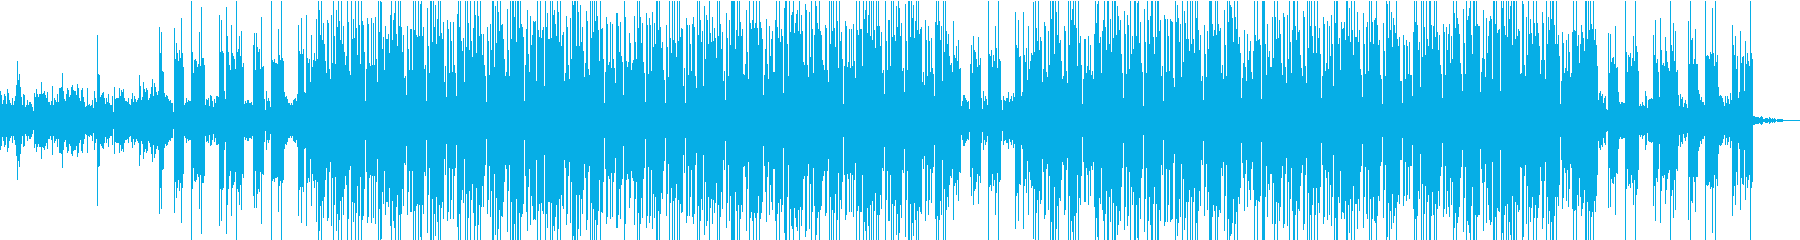 POPなヒップホップの再生済みの波形